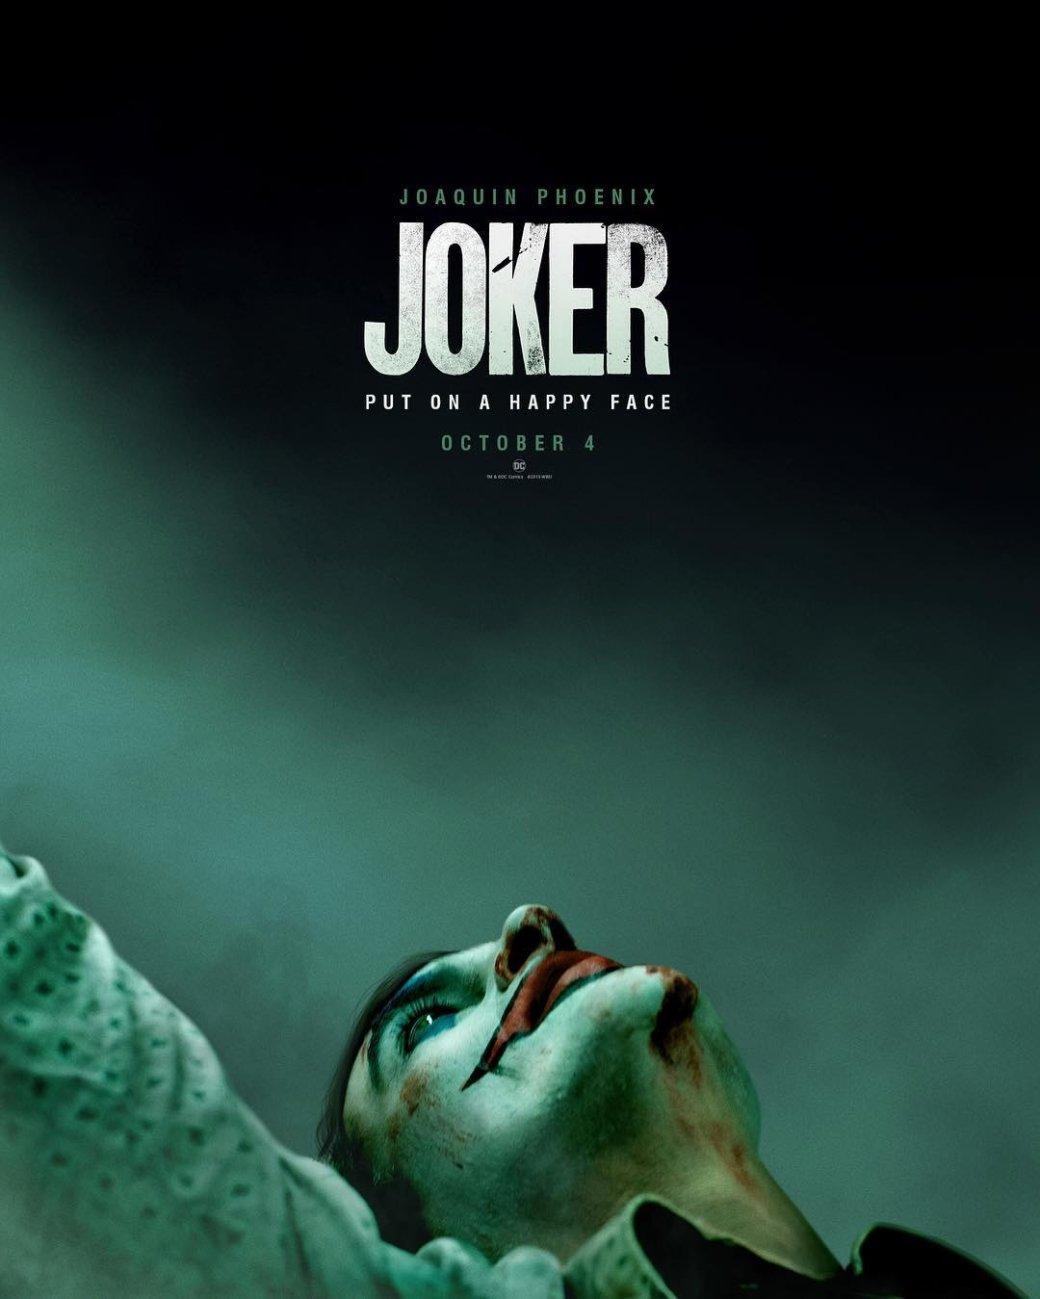 Каким будет «Джокер» сХоакином Фениксом? Разбираем сюжет фильма. Все не так, как в комиксах! | Канобу - Изображение 11860